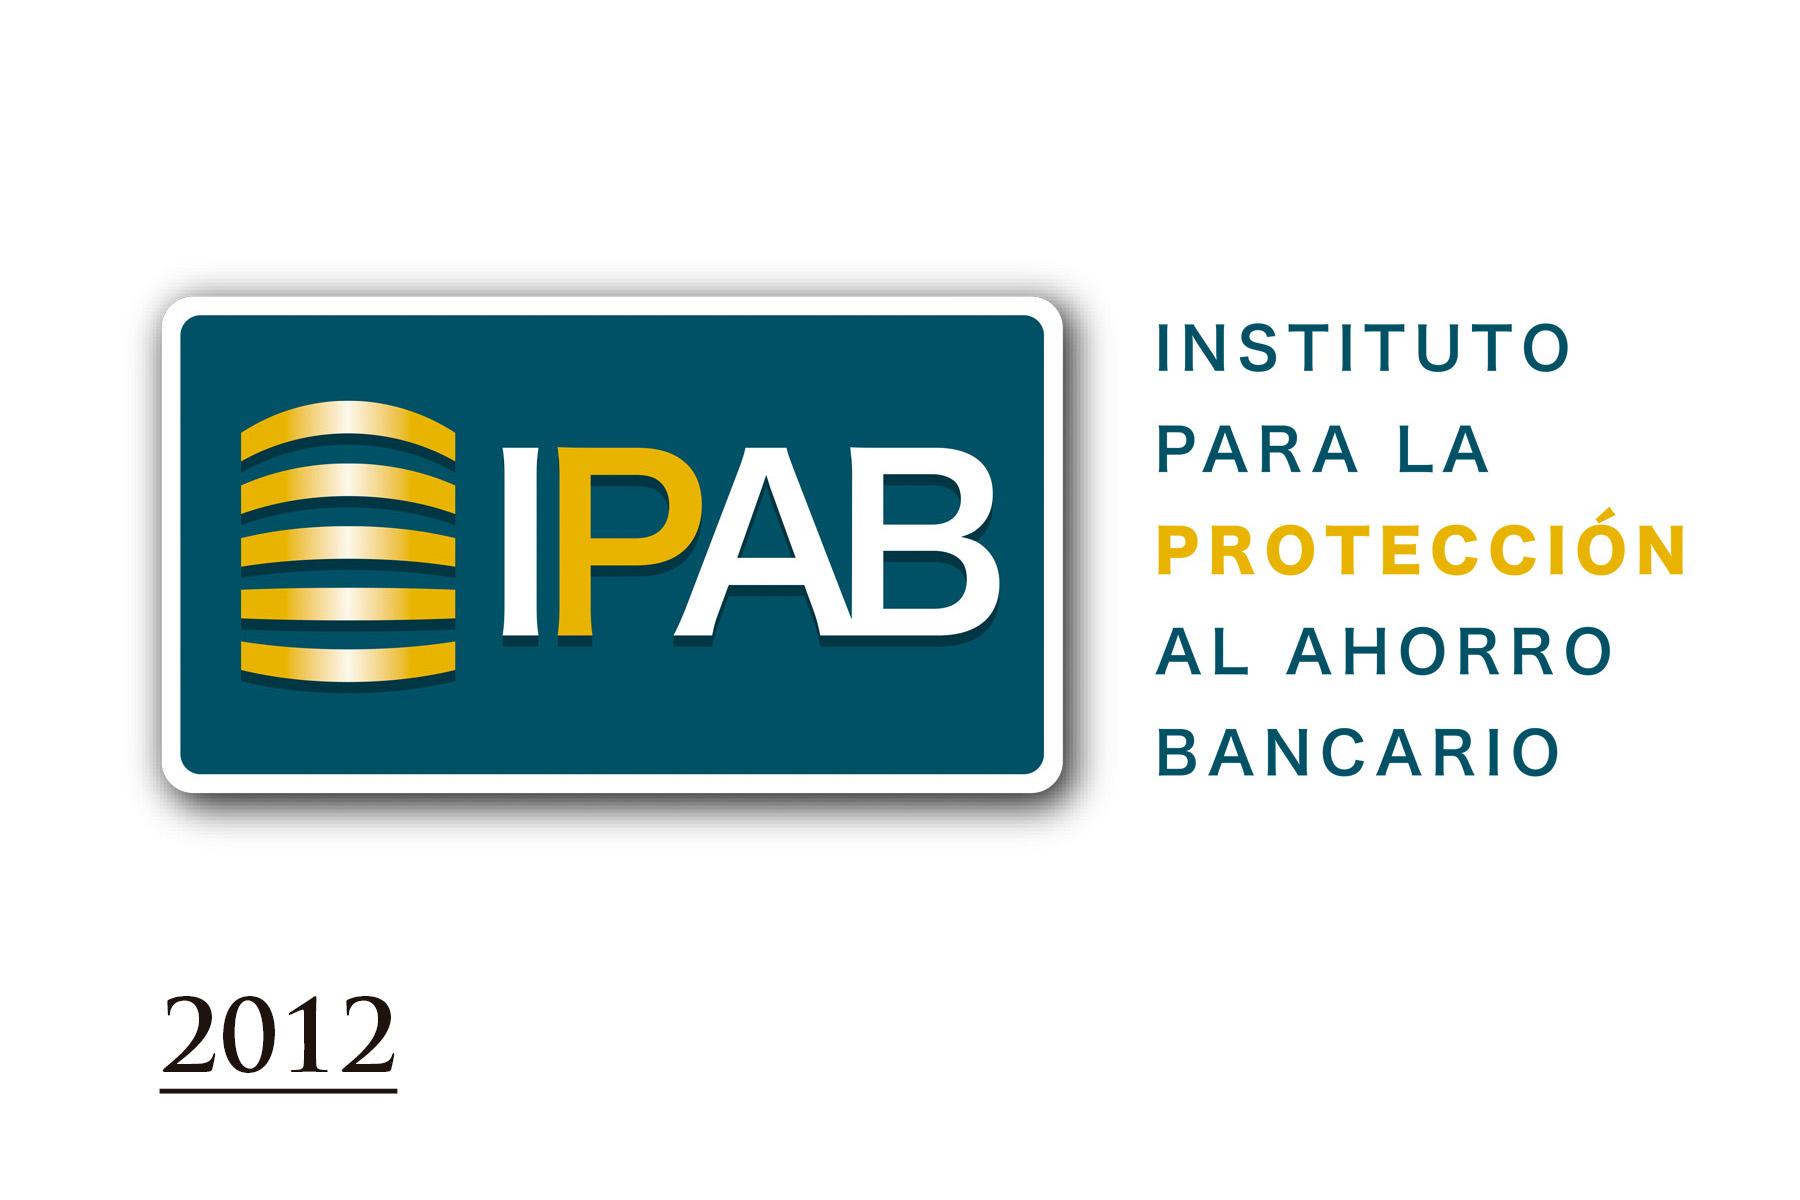 El Instituto para la Protección al Ahorro Bancario (IPAB) renueva su imagen para transmitir de manera clara los valores que rigen su operación: Protección, Honestidad, Transparencia, Garantía y Seguridad.